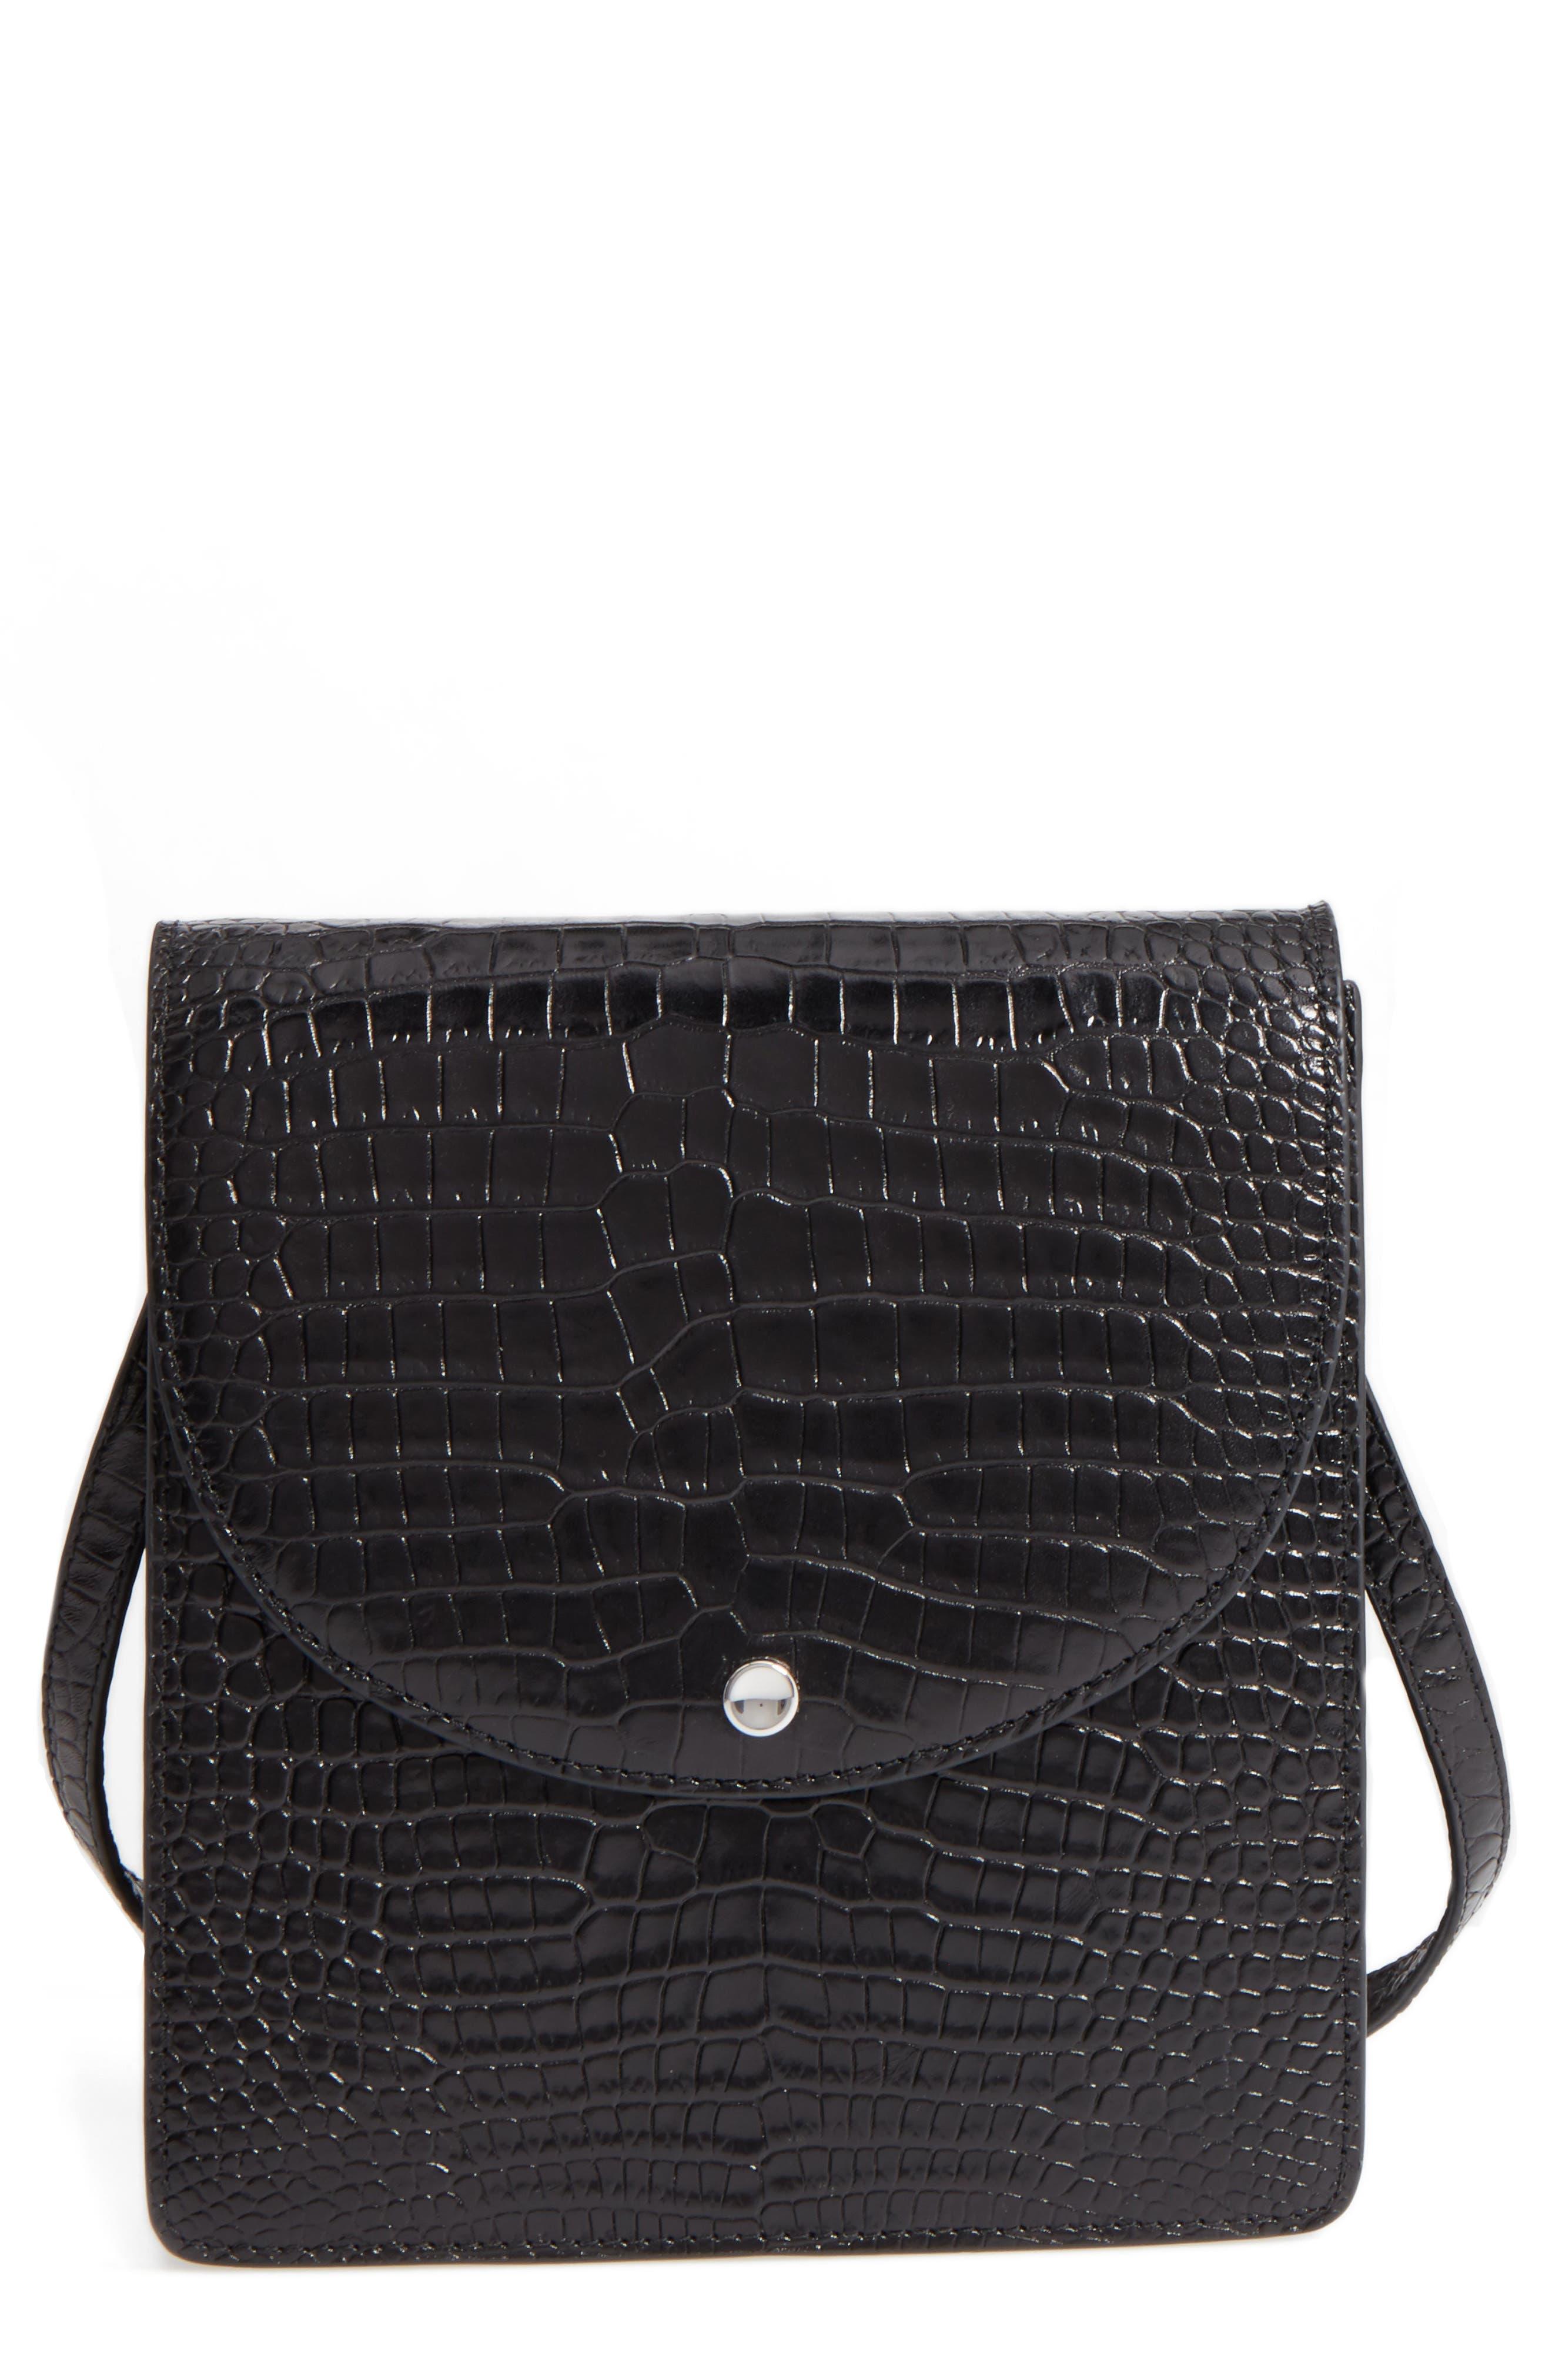 Eloise Leather Crossbody Bag,                         Main,                         color, 001